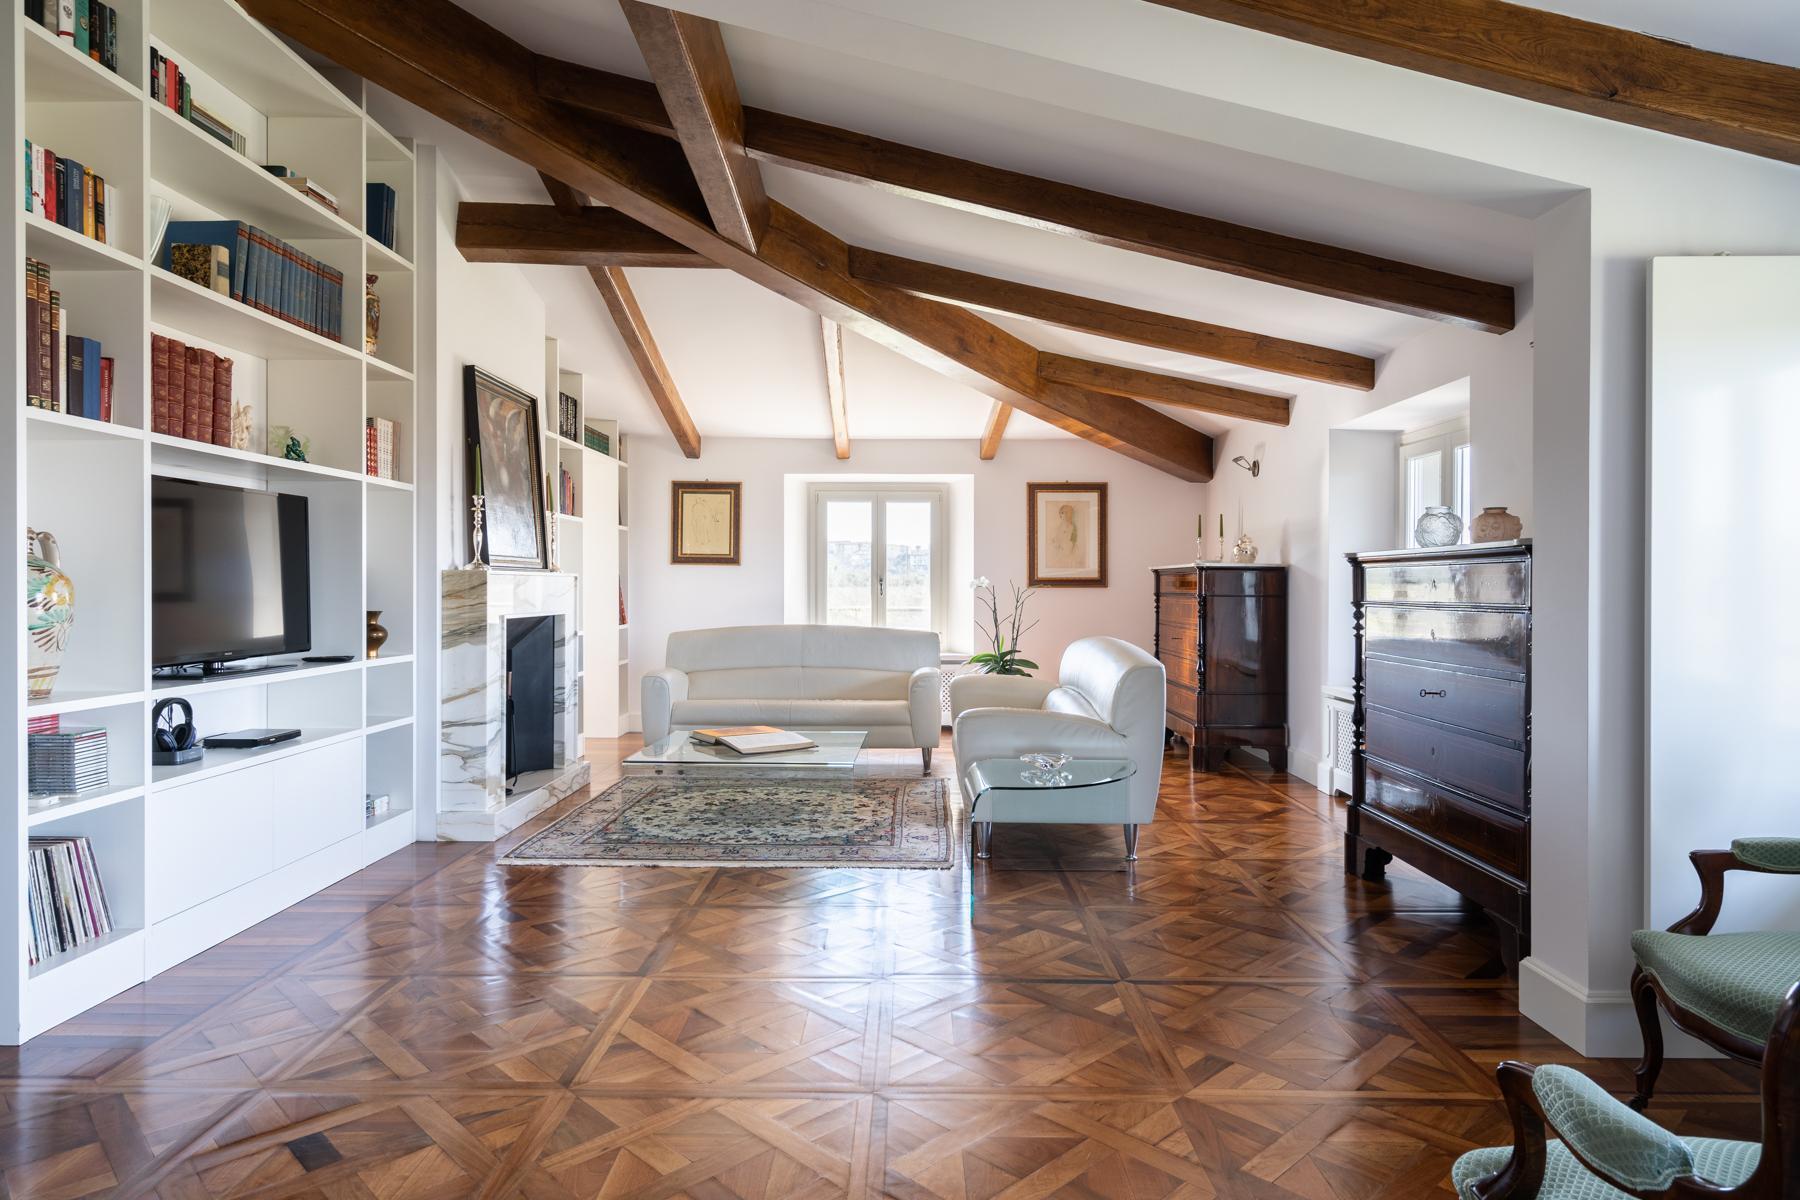 Magnifique appartement sur les collines de Florence avec piscine - 3